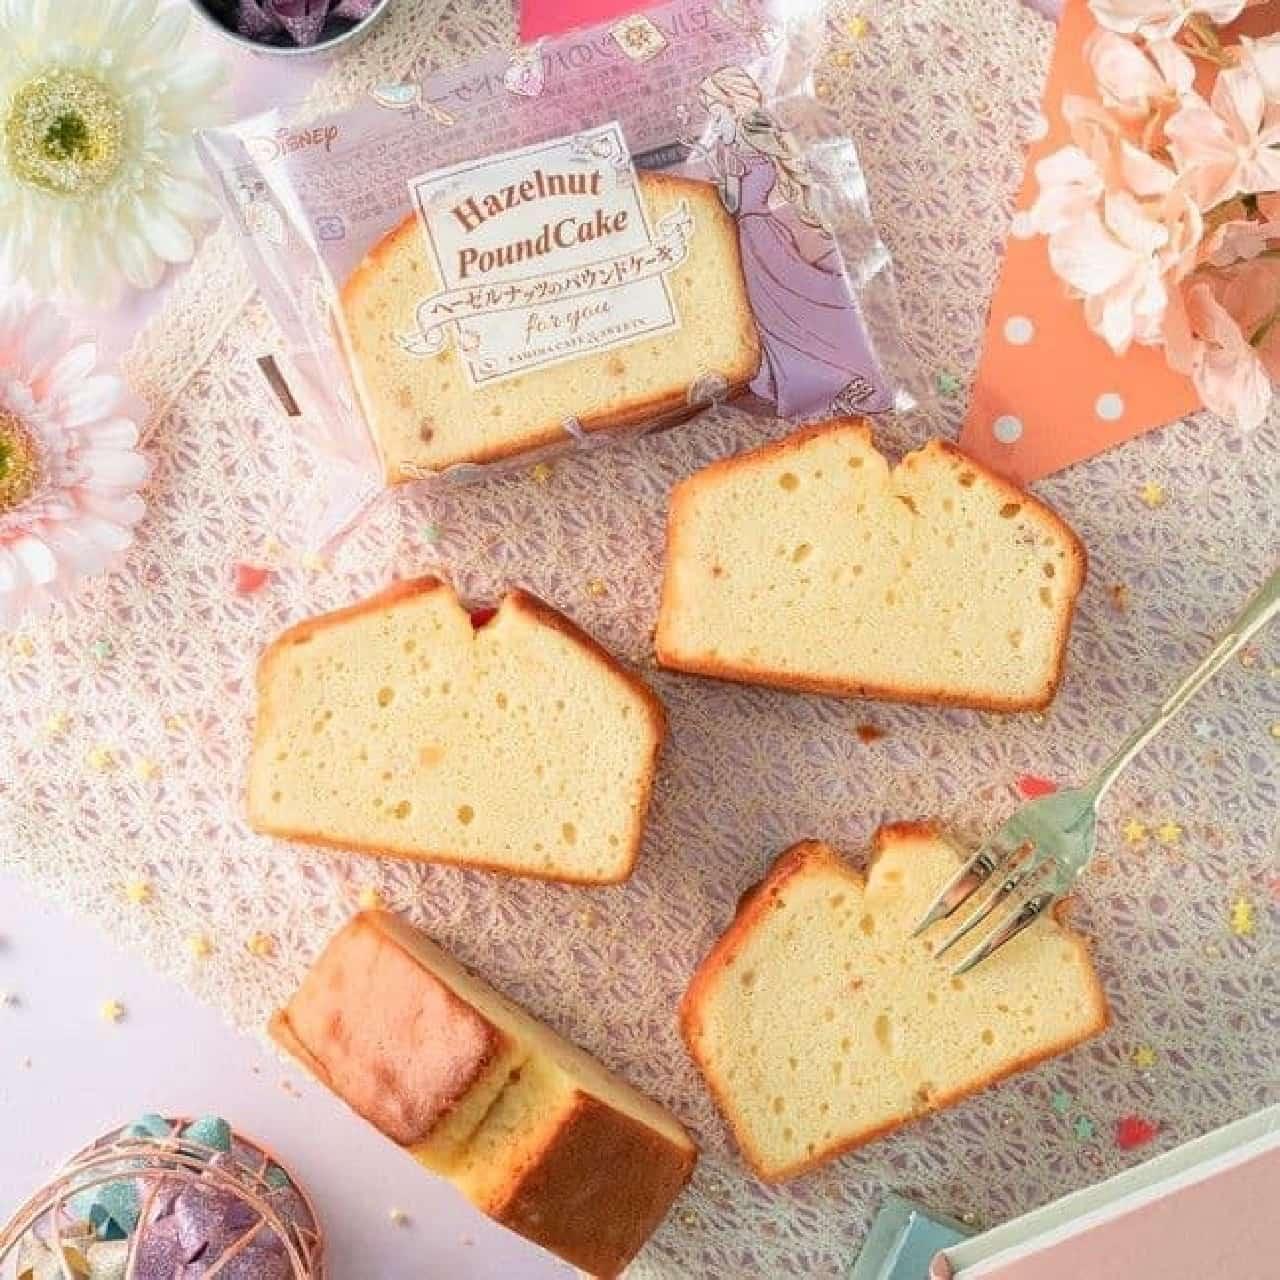 ファミリーマート ラプンツェルの「ヘーゼルナッツのパウンドケーキ」